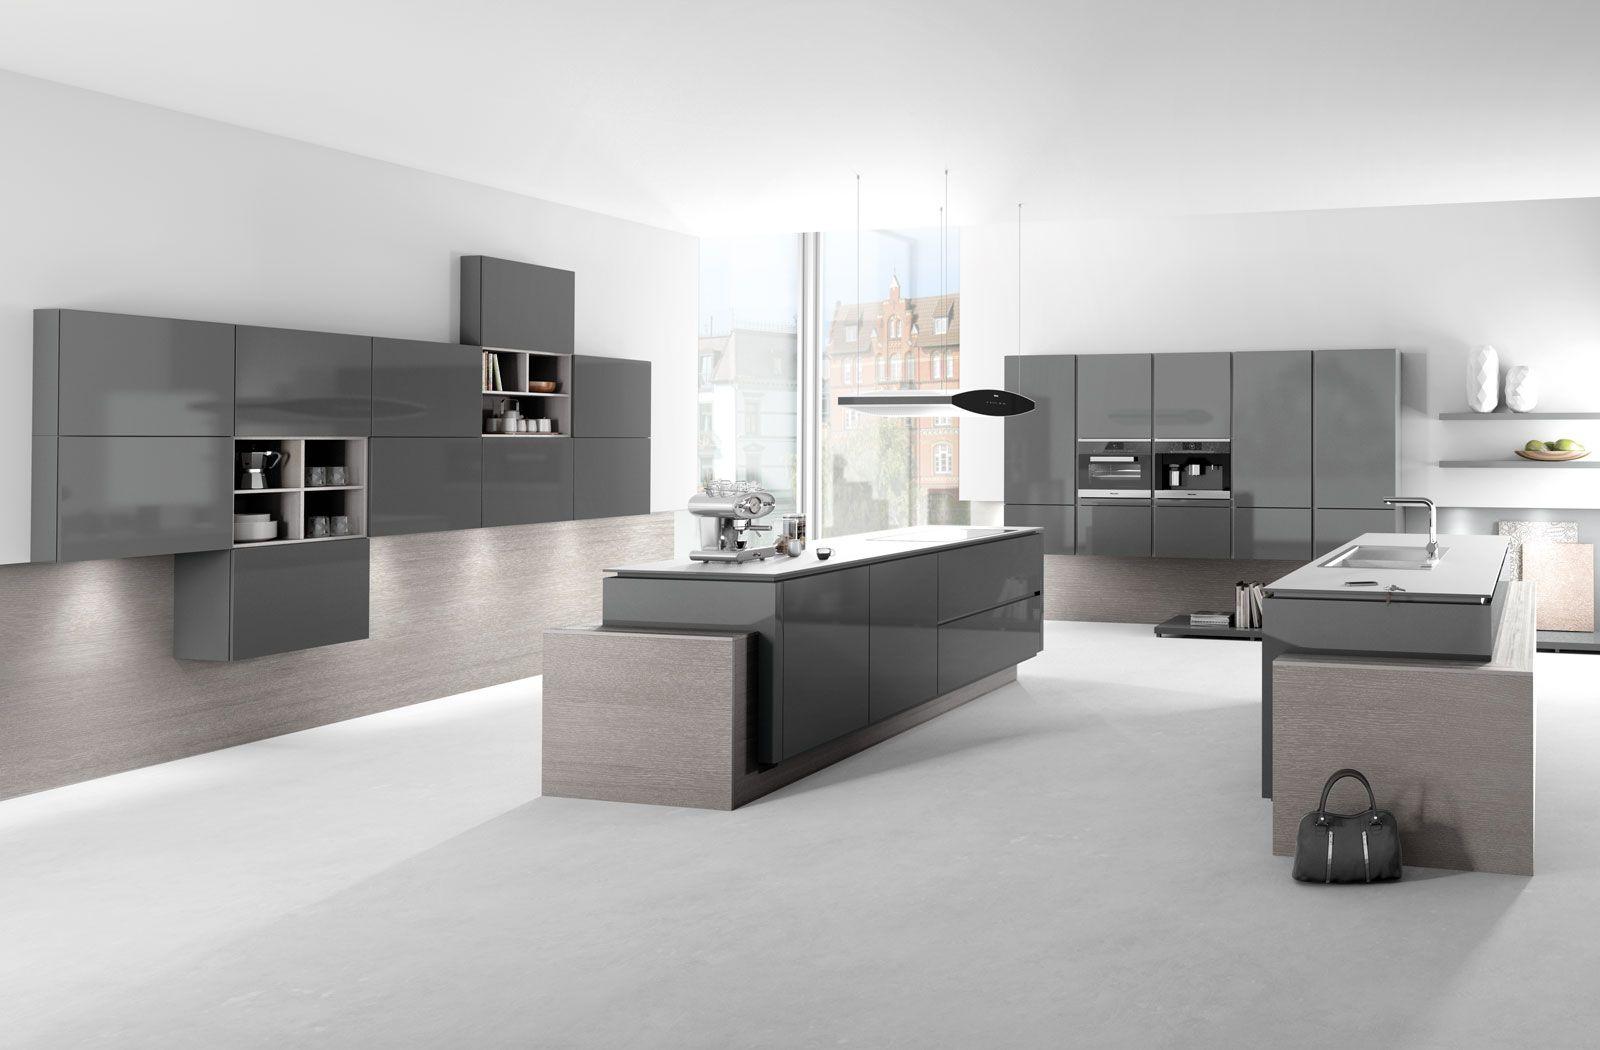 Küche Häcker Erfahrung  Küchen In Walluf - Küchenparadies Nicolay